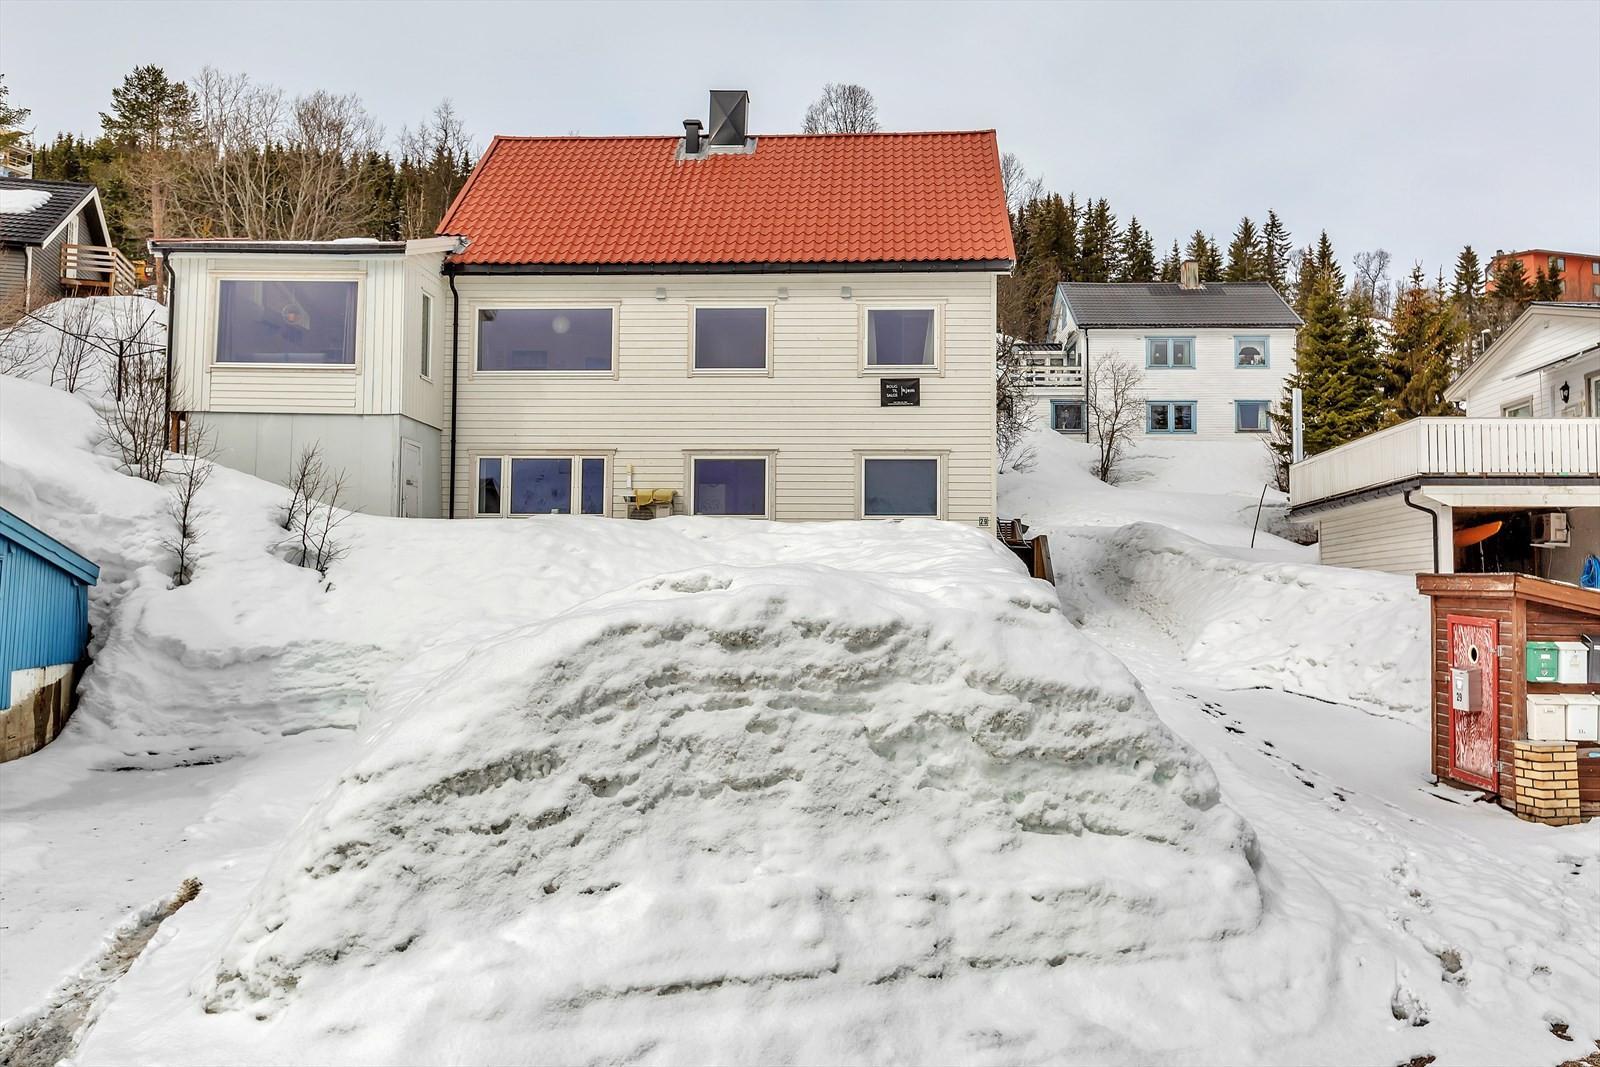 Leilighetene har parkering mot veien. Adkomst på høyre side av huset.